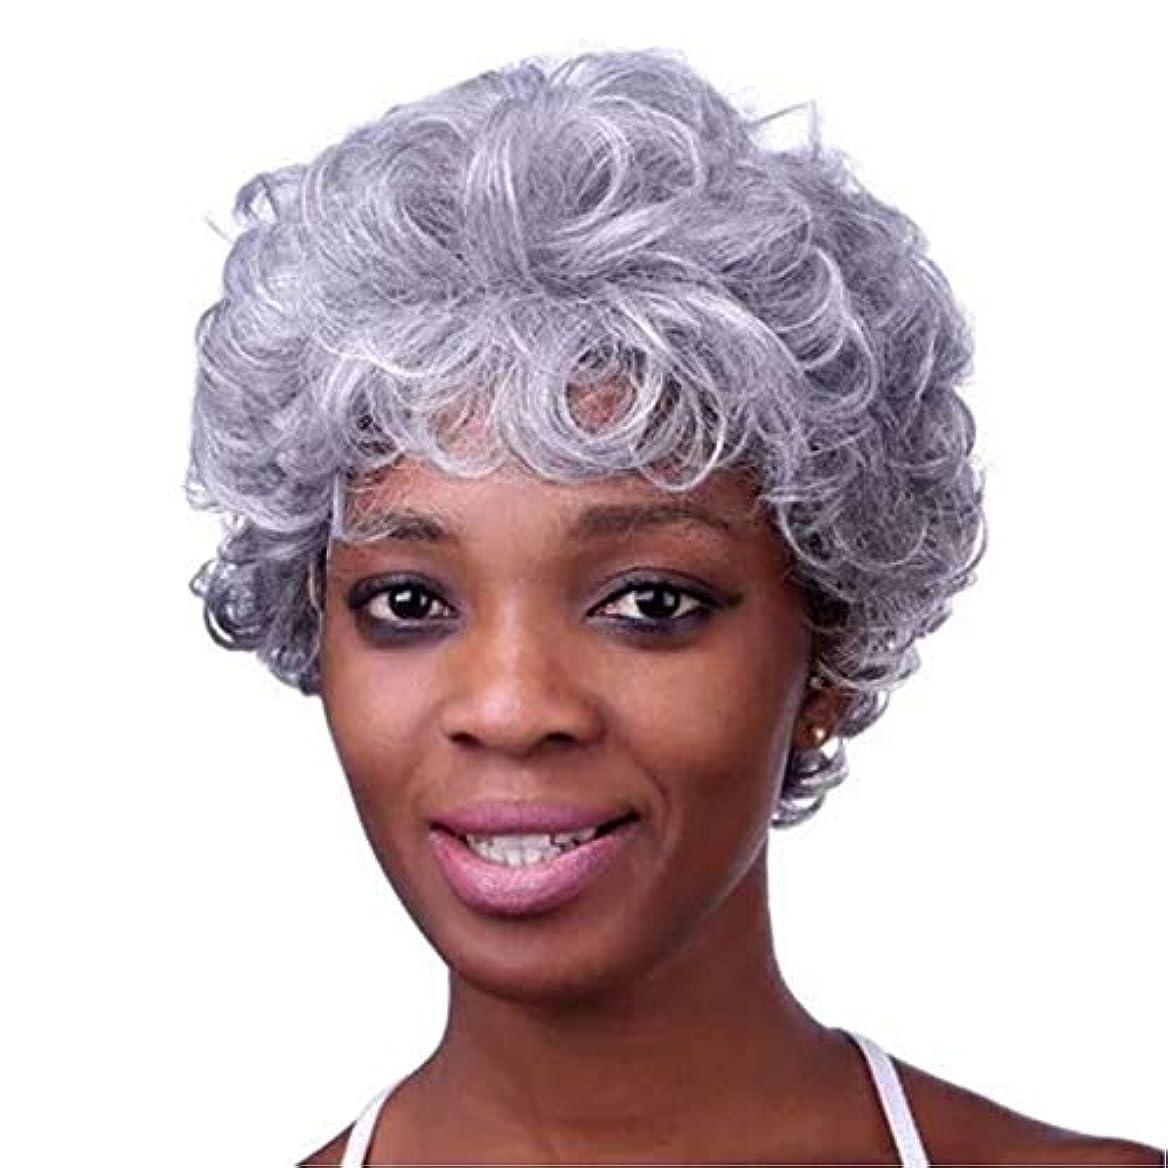 ラリー無傷シネウィKerwinner 本物の髪として女性のための前髪天然合成フルウィッグと白人女性ストレートグレーの髪のかつらをショートウィッグ